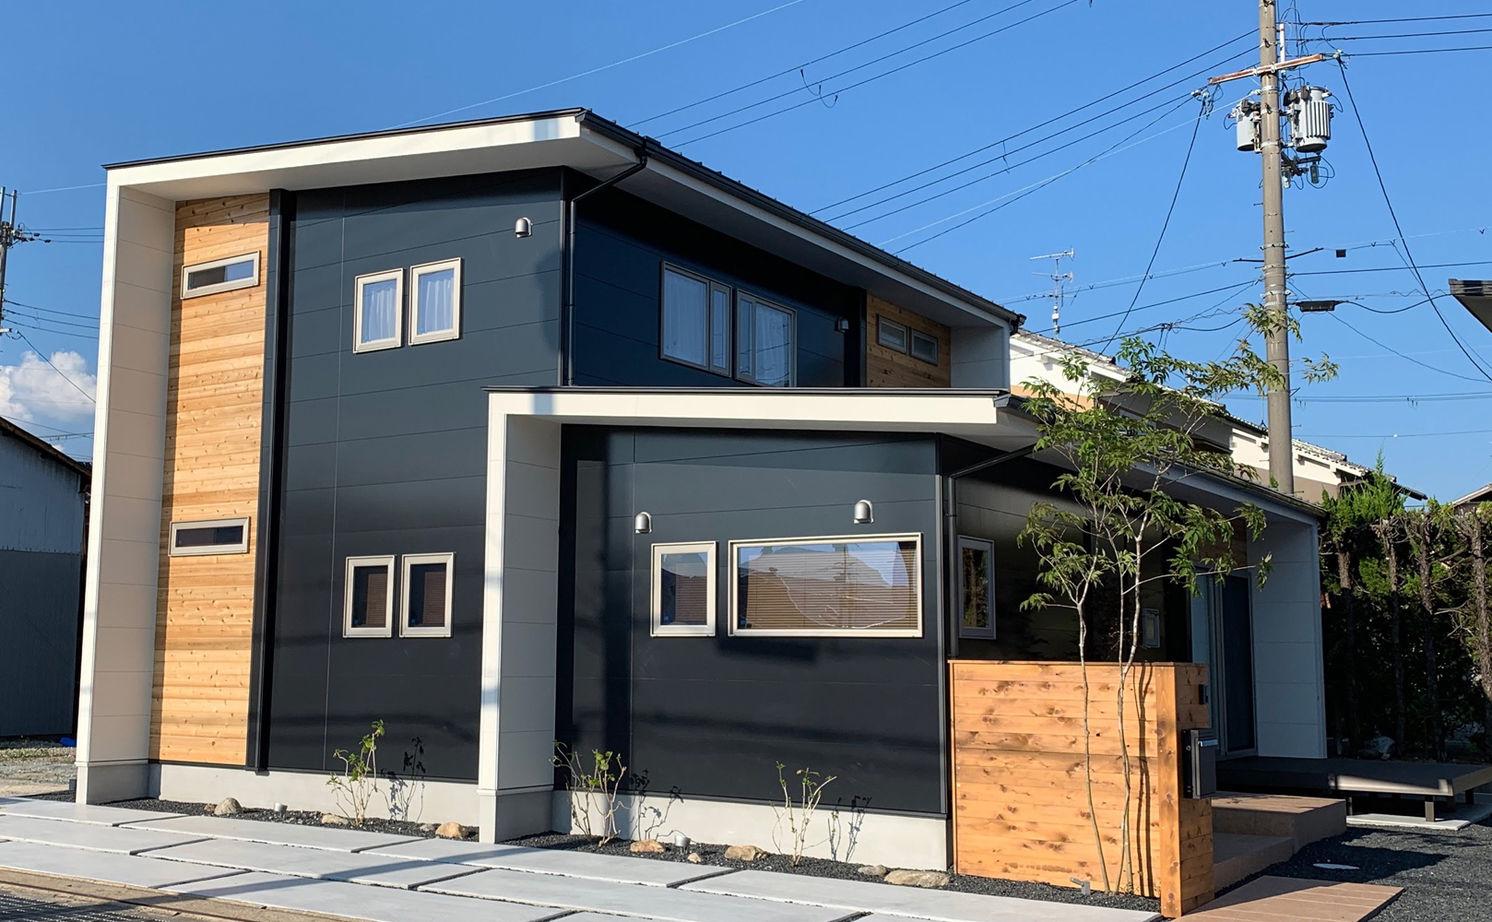 縦に横に、広がる大空間。UA値0.44、C値0.30の気密性能で、住居兼オフィスを快適に画像1